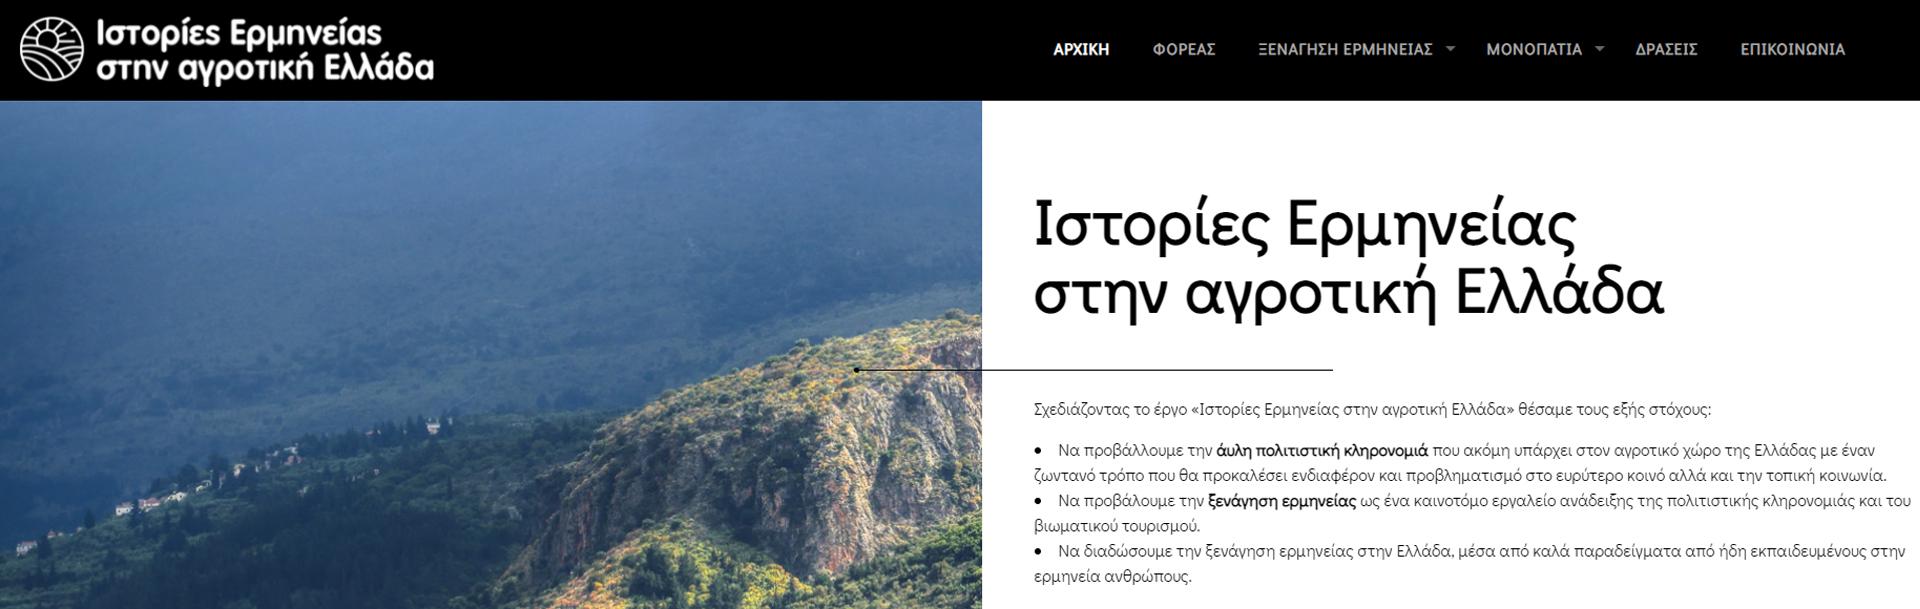 Ιστορίες Ερμηνείας στην αγροτική Ελλάδα